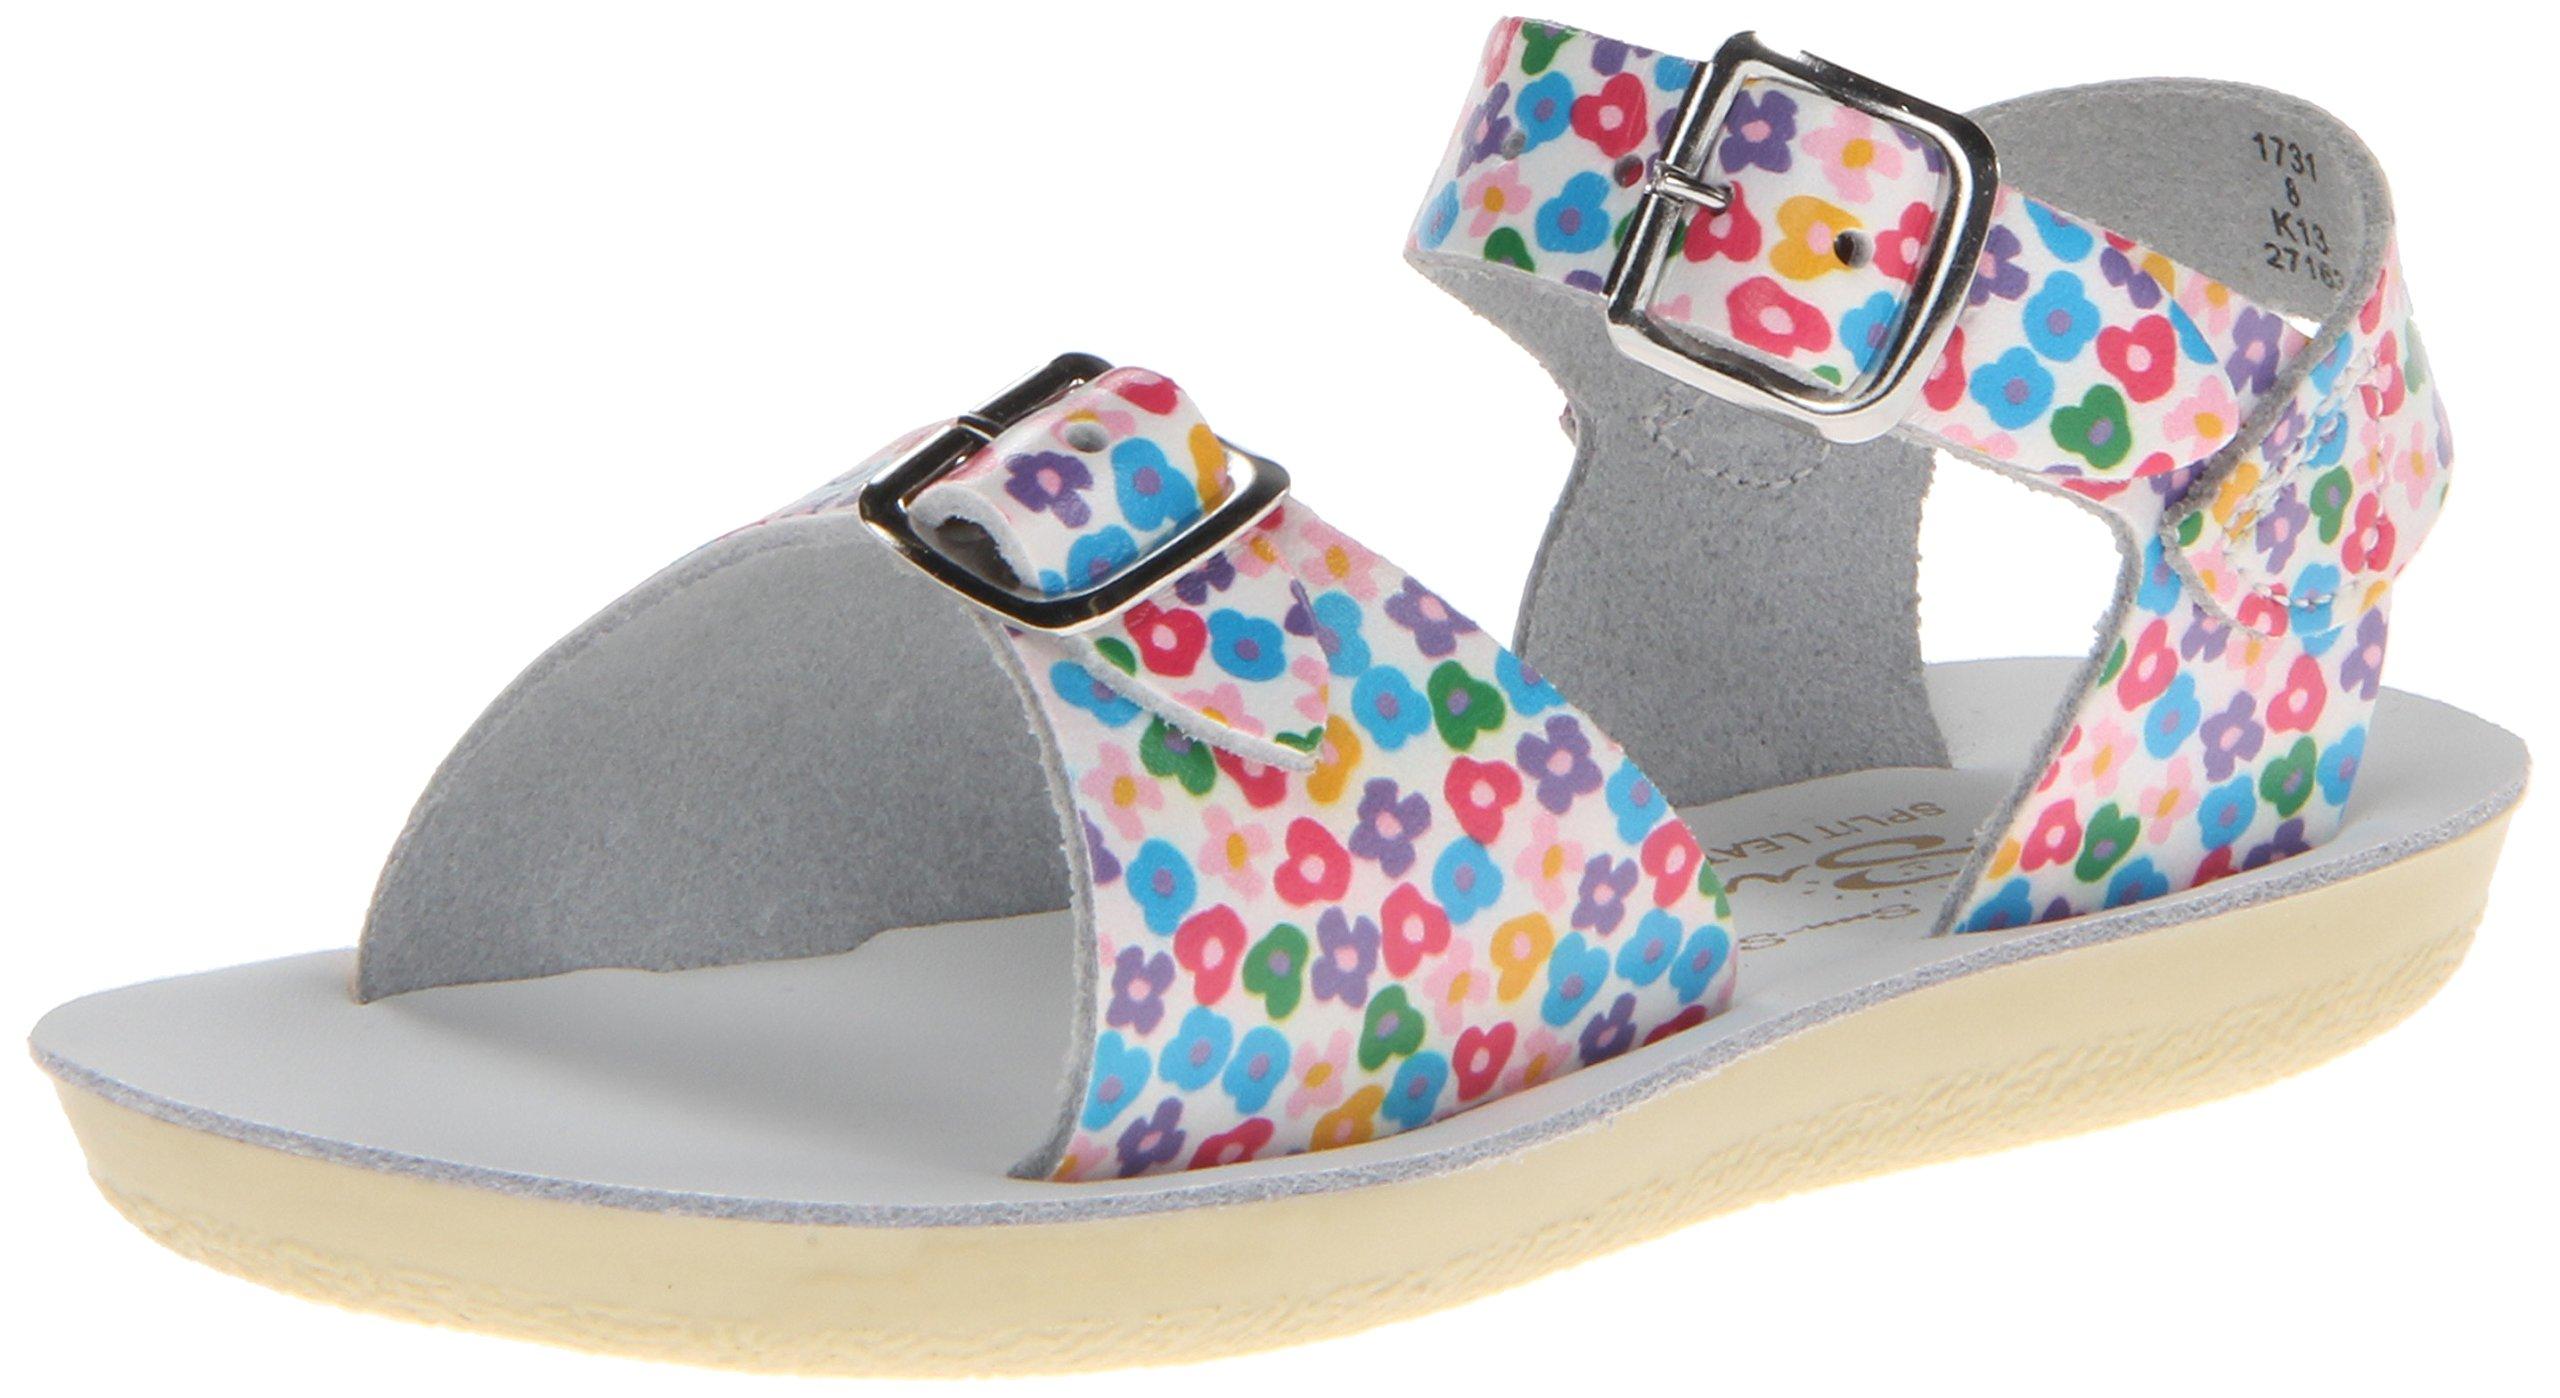 Salt Water Sandals by HOY Shoe Surfer Sandal (Infant/Toddler/Little Kid),Floral,8 M US Toddler